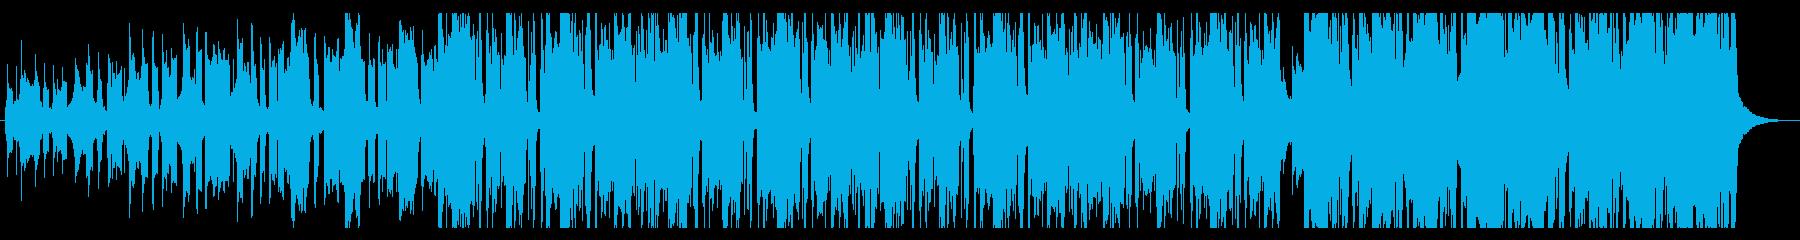 アーバン/Hiphop_No402_2の再生済みの波形